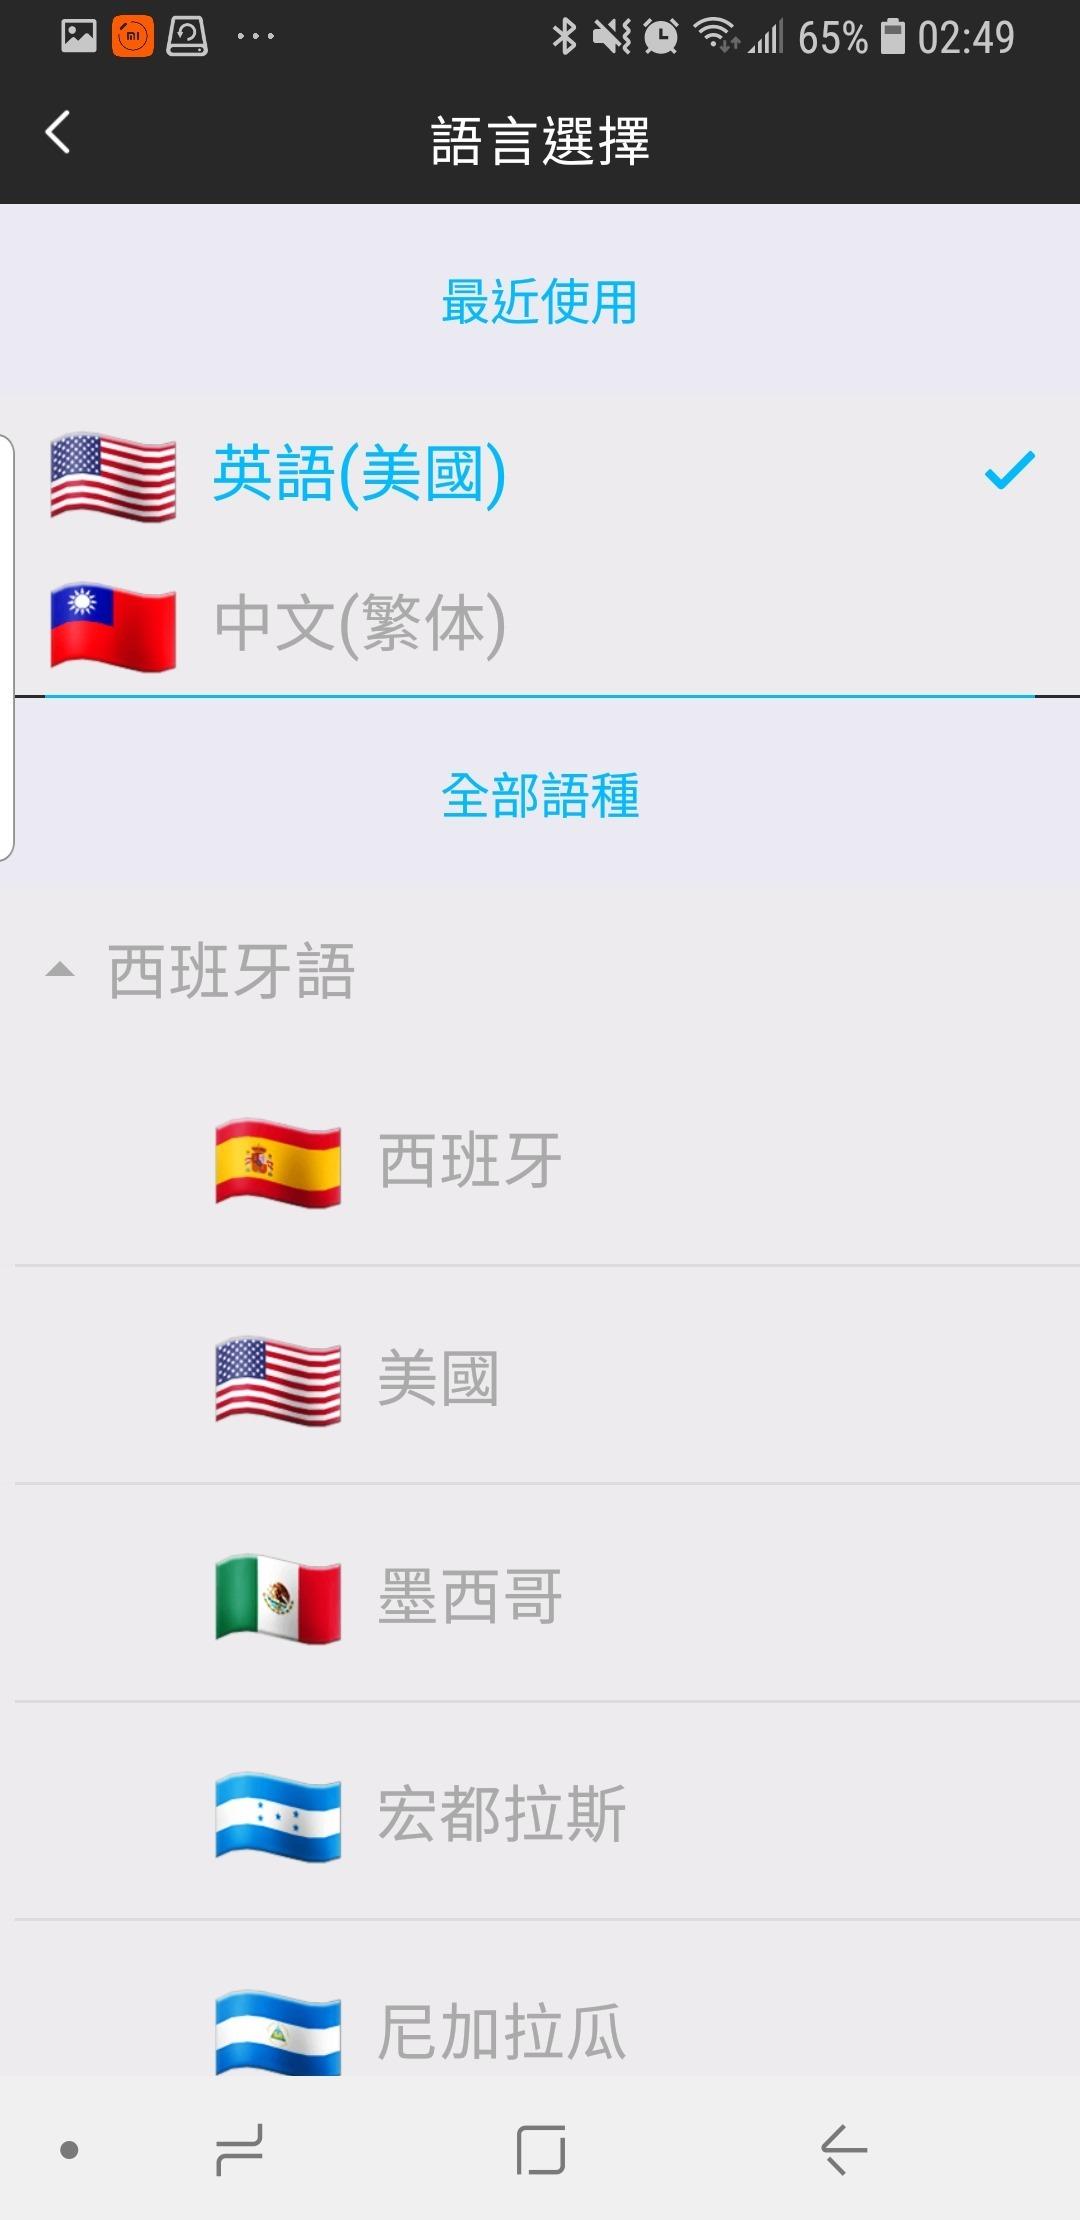 細緻精巧方便攜帶沒有之一 全球最小 ZERO 多功能翻譯機開箱評測 @3C 達人廖阿輝